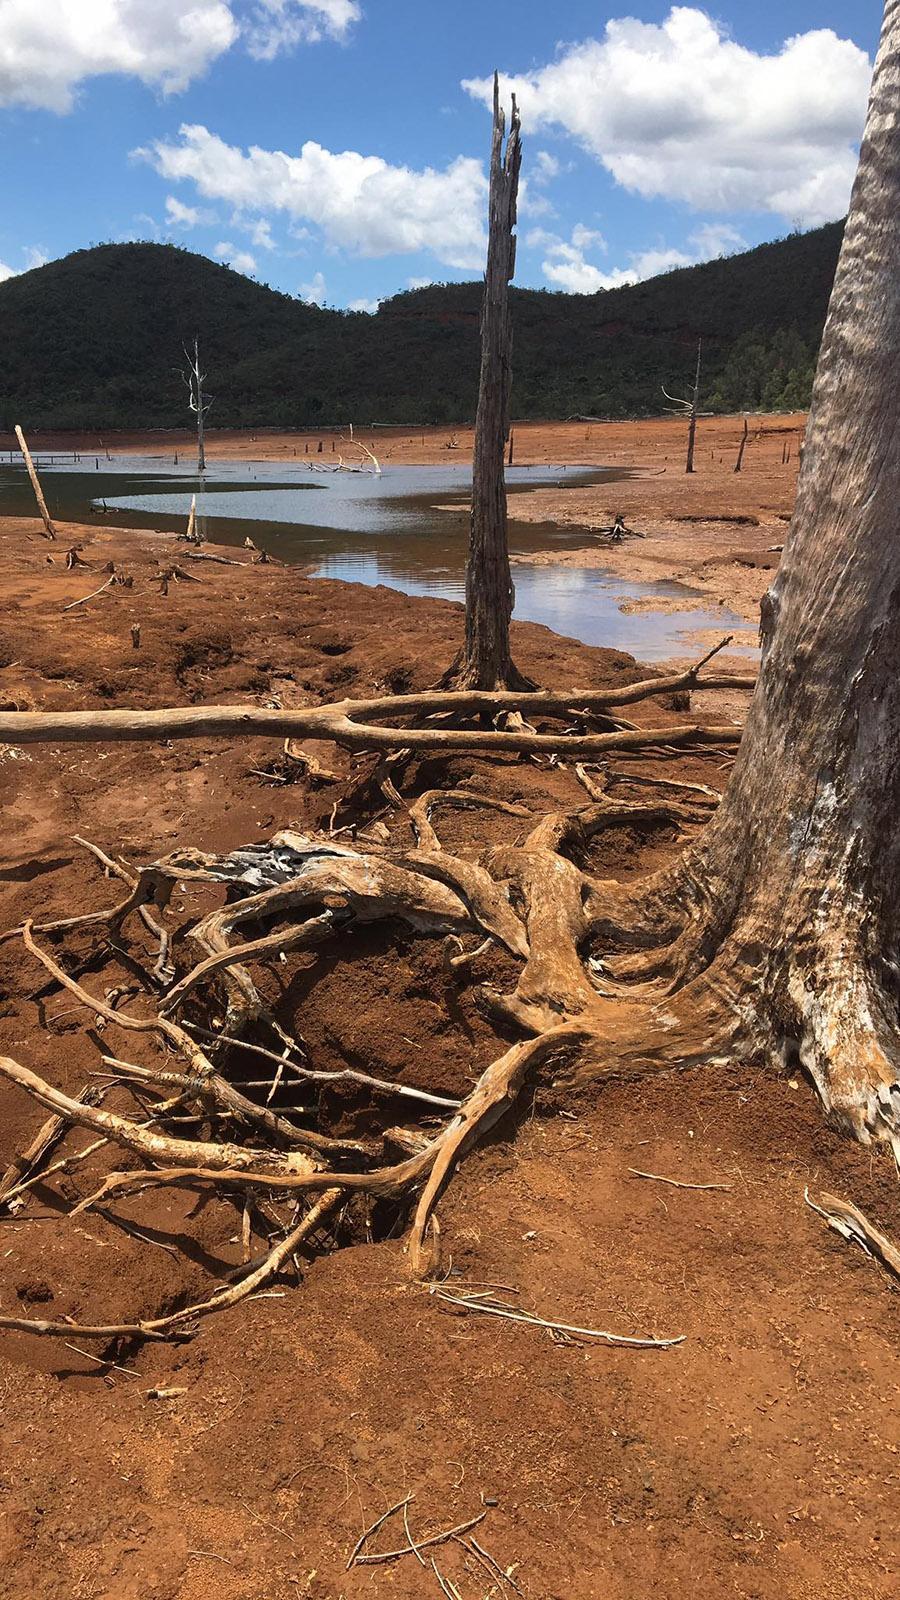 Der versunkene Wald des Parc Provincial de la Rivière Bleue - bei Trockenheit ragen einige tote Bäume auch am Ufer auf. Foto: Hilke Maunder